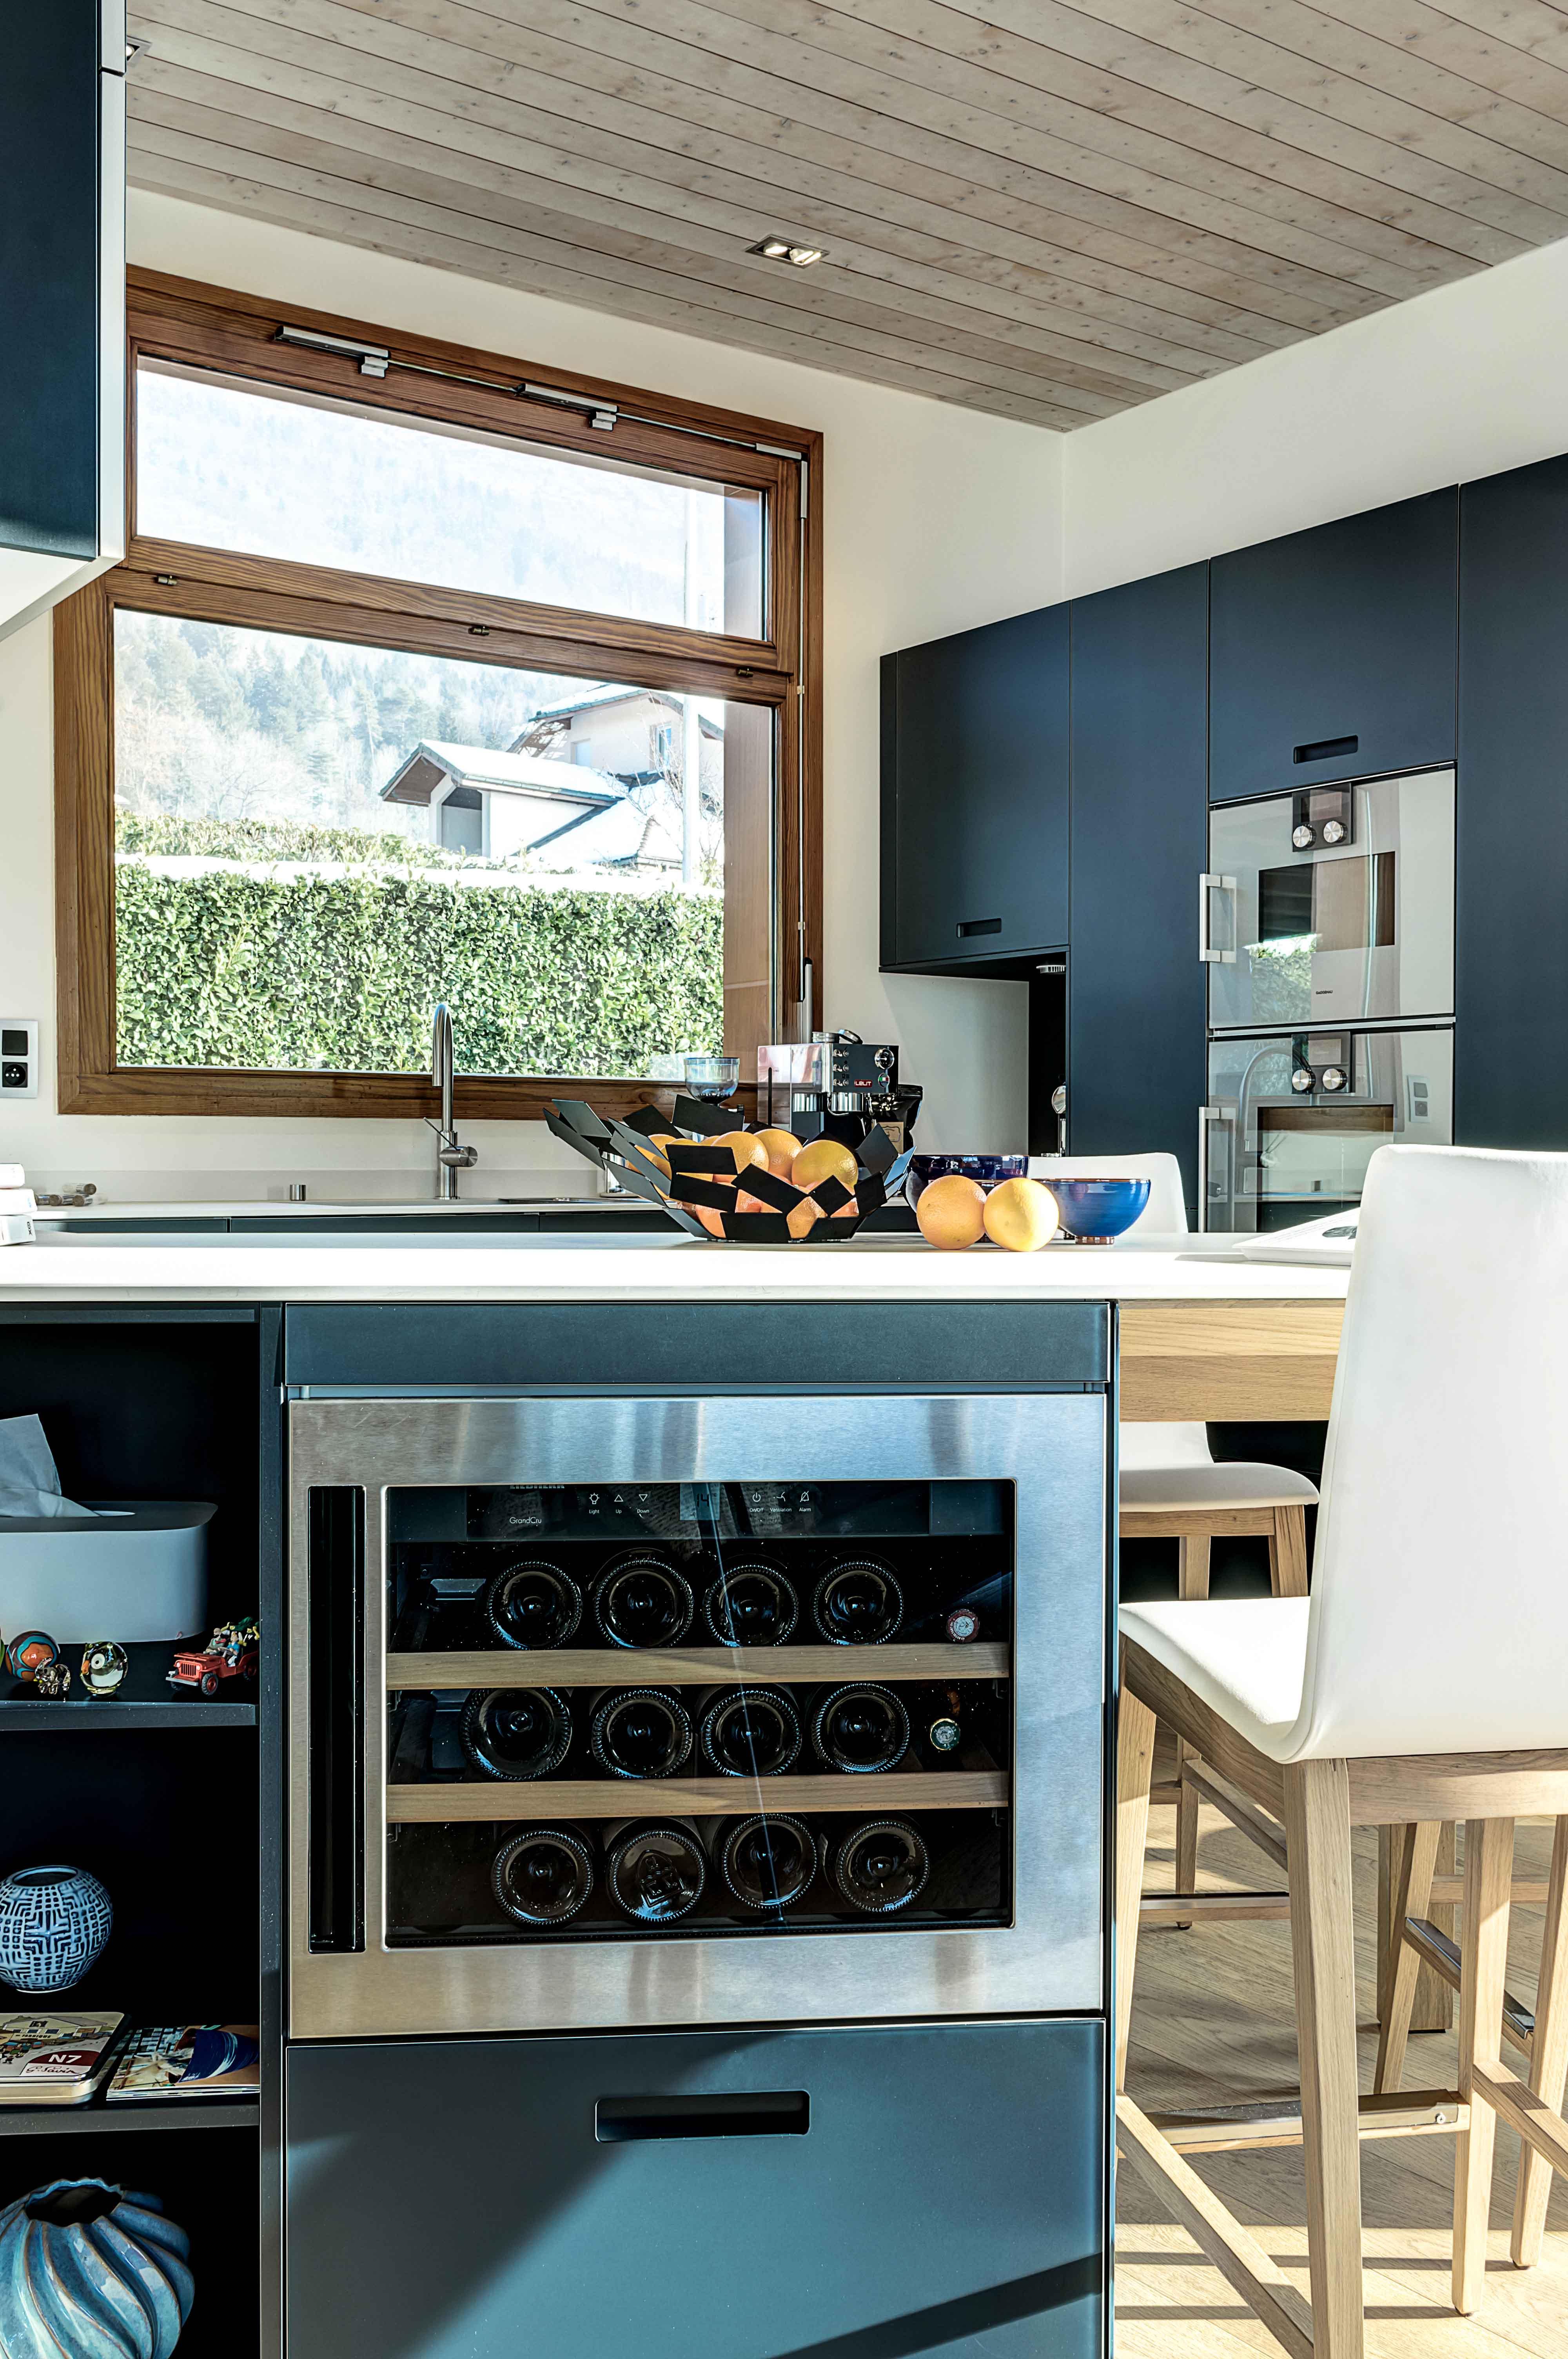 mobilier cuisine annecy cave à vin intégrée four lave vaisselle